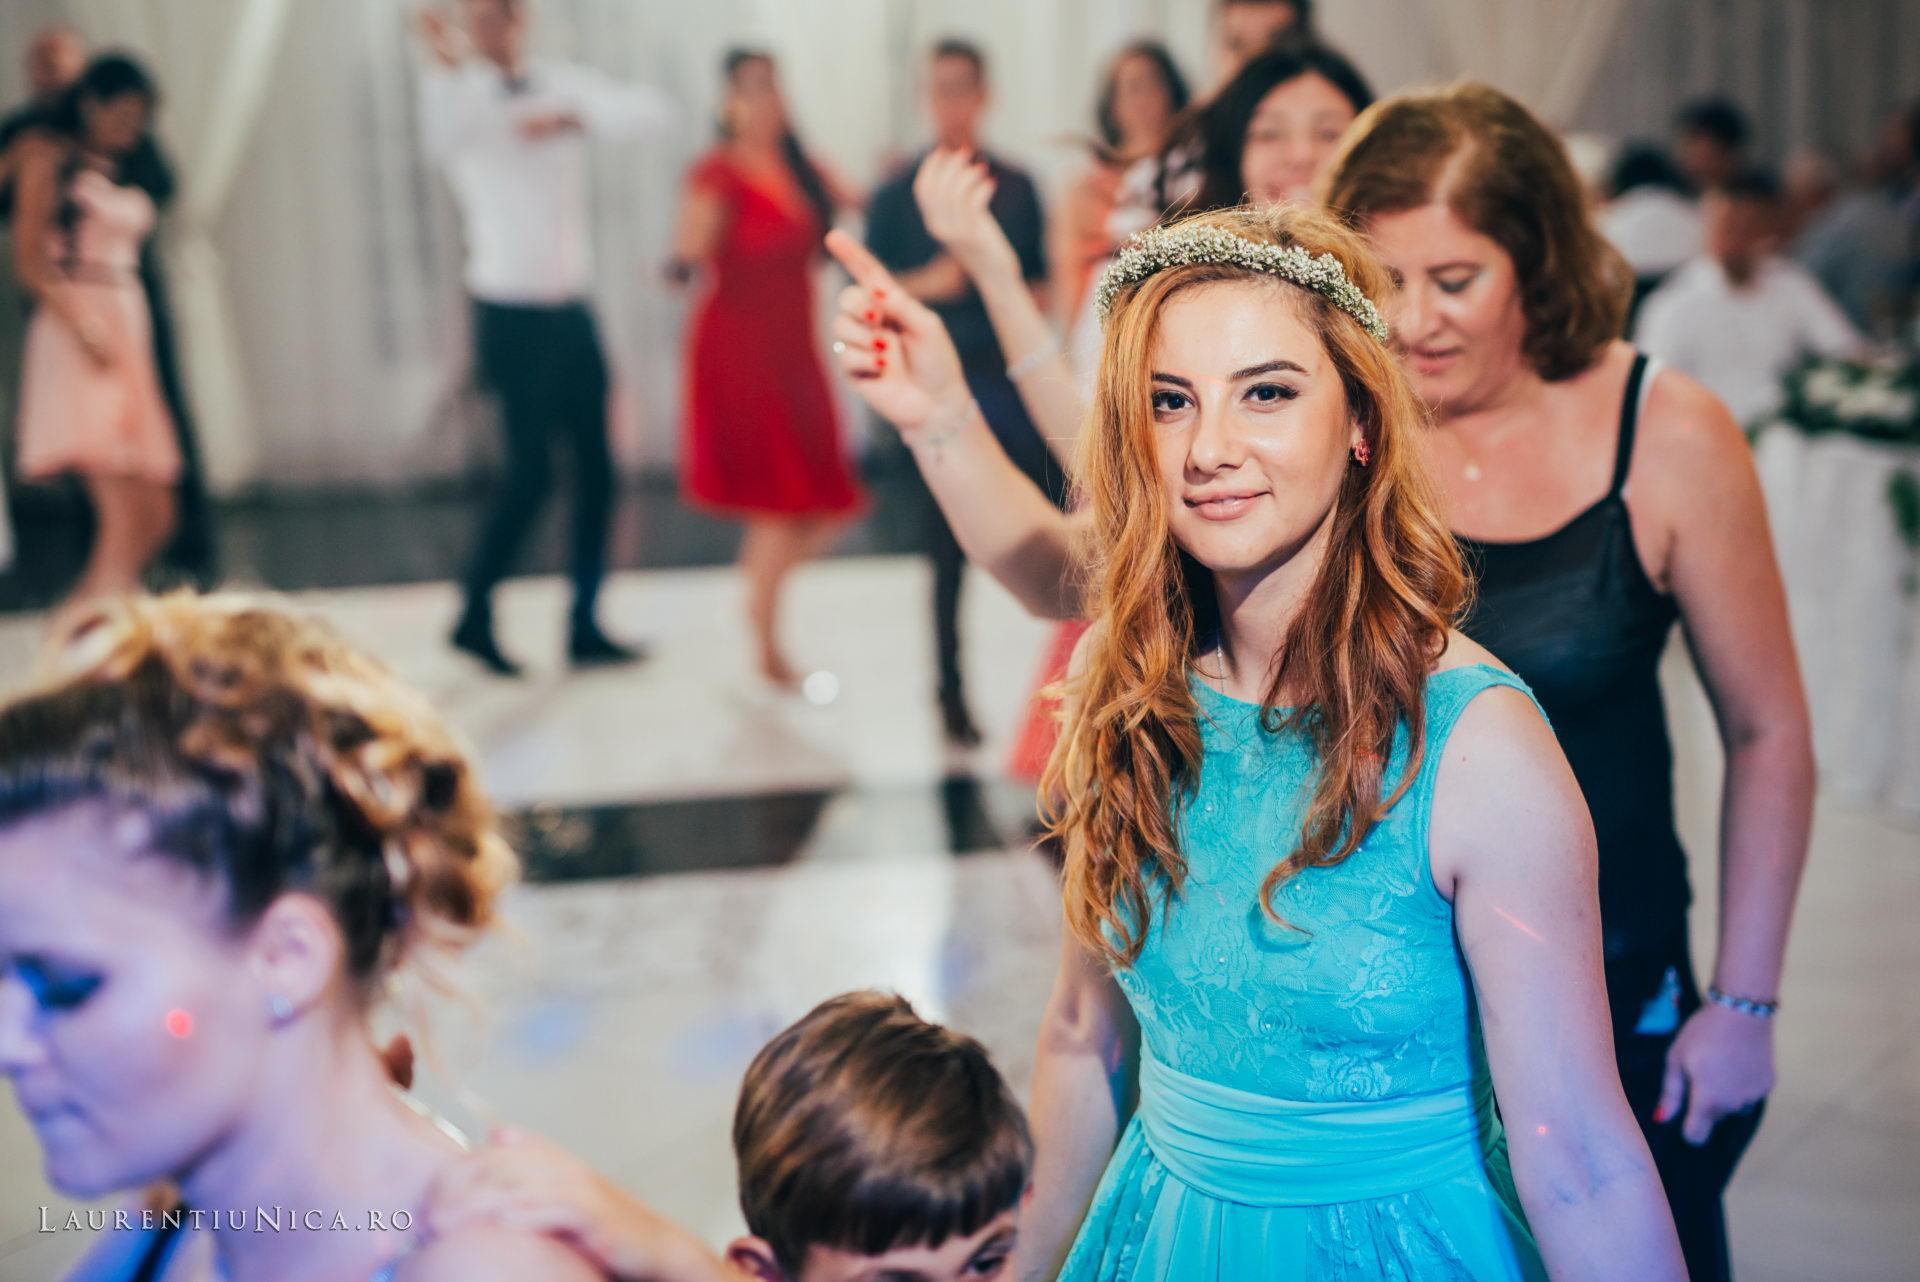 Cristina si Ovidiu nunta Craiova fotograf laurentiu nica 146 - Cristina & Ovidiu | Fotografii nunta | Craiova